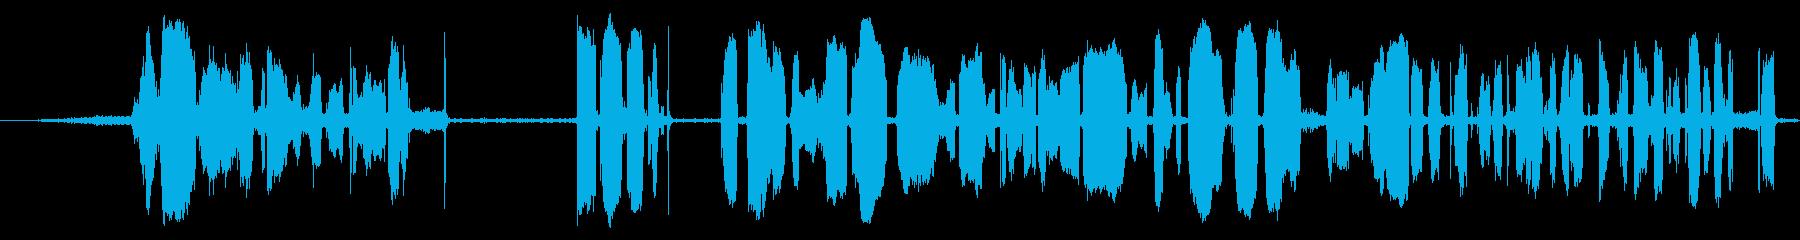 陸軍ヘリコプターと地上間の無線通信の再生済みの波形